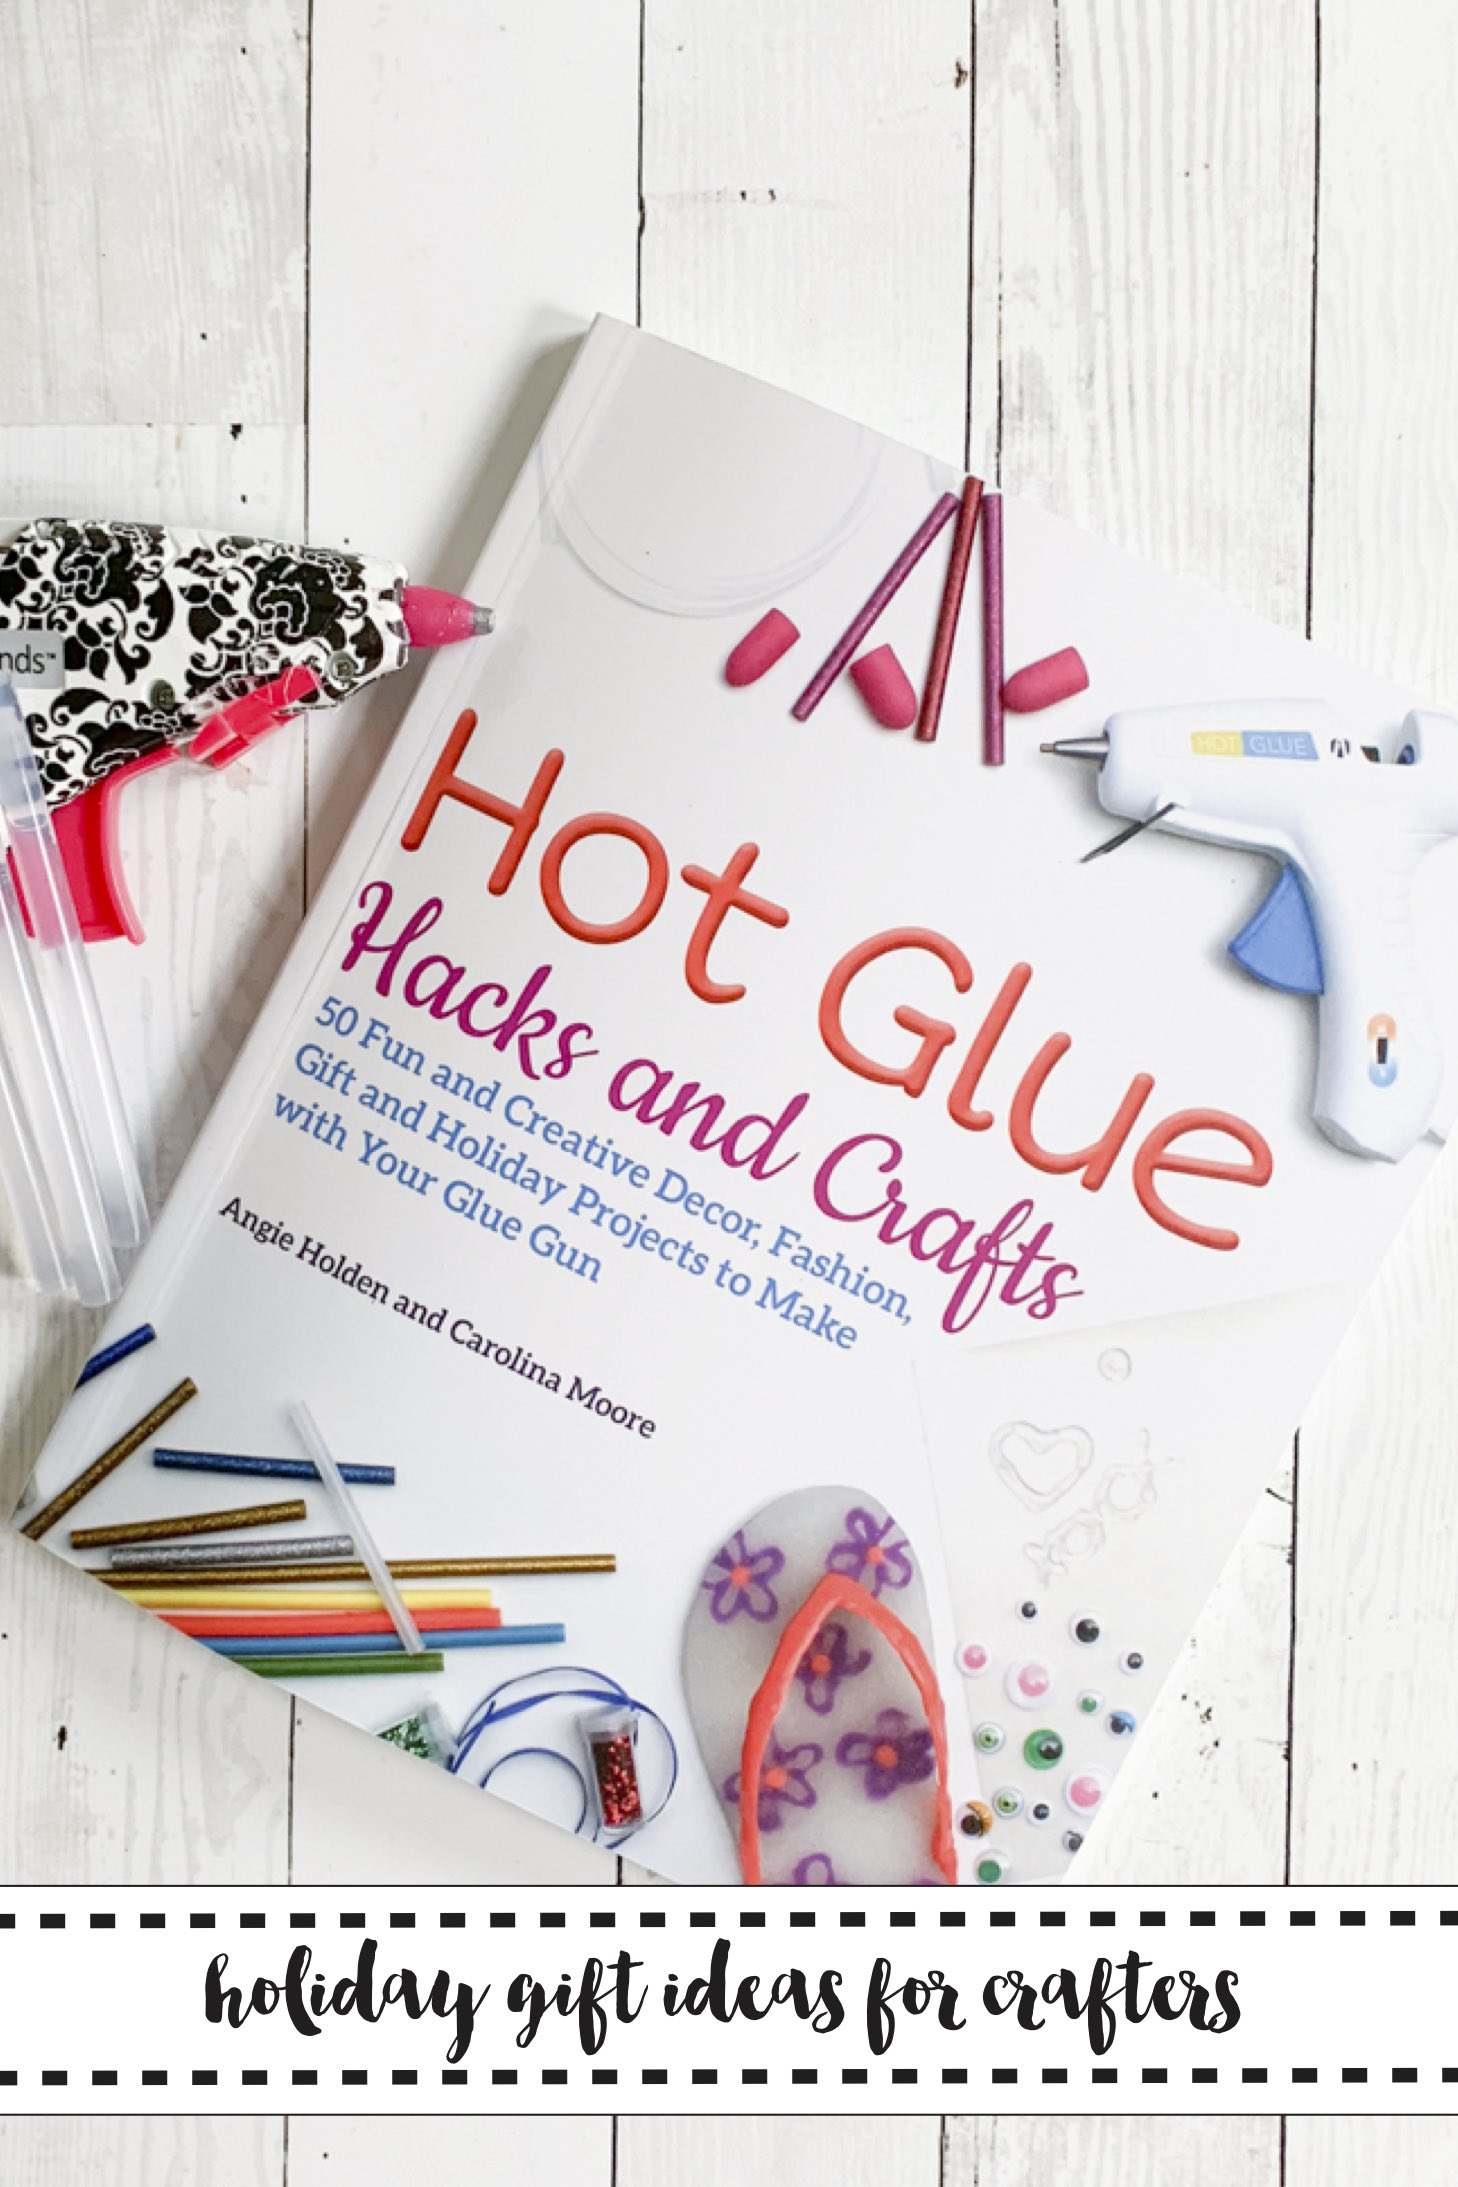 Glue Gun Hacks and Crafts Book